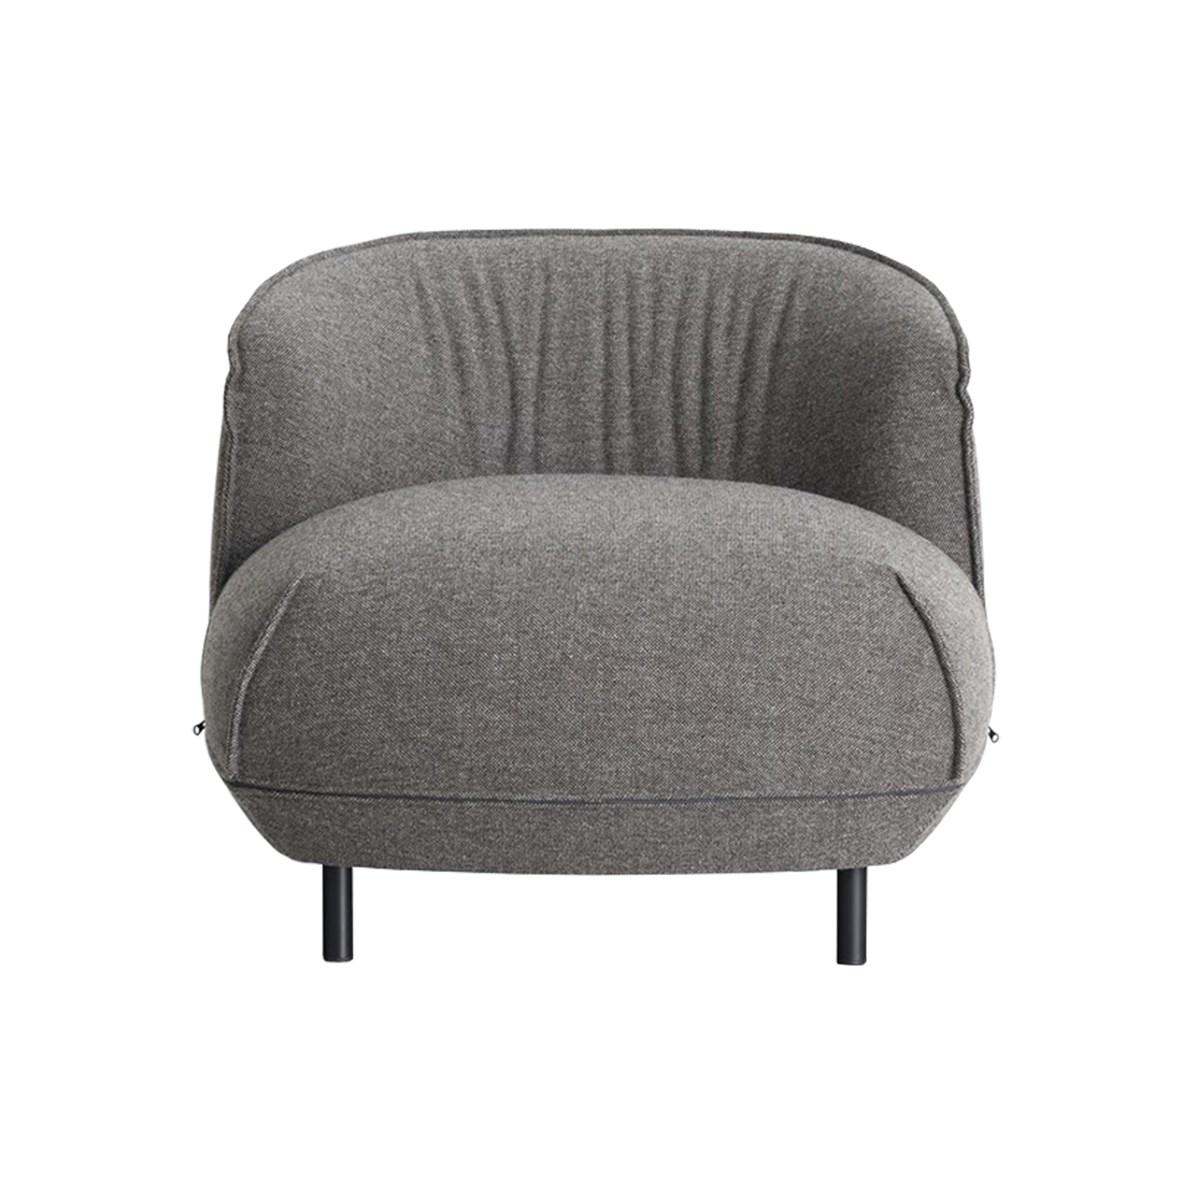 Kristalia-Lucidi-Pevere-Brioni-Sofa-Matisse-1